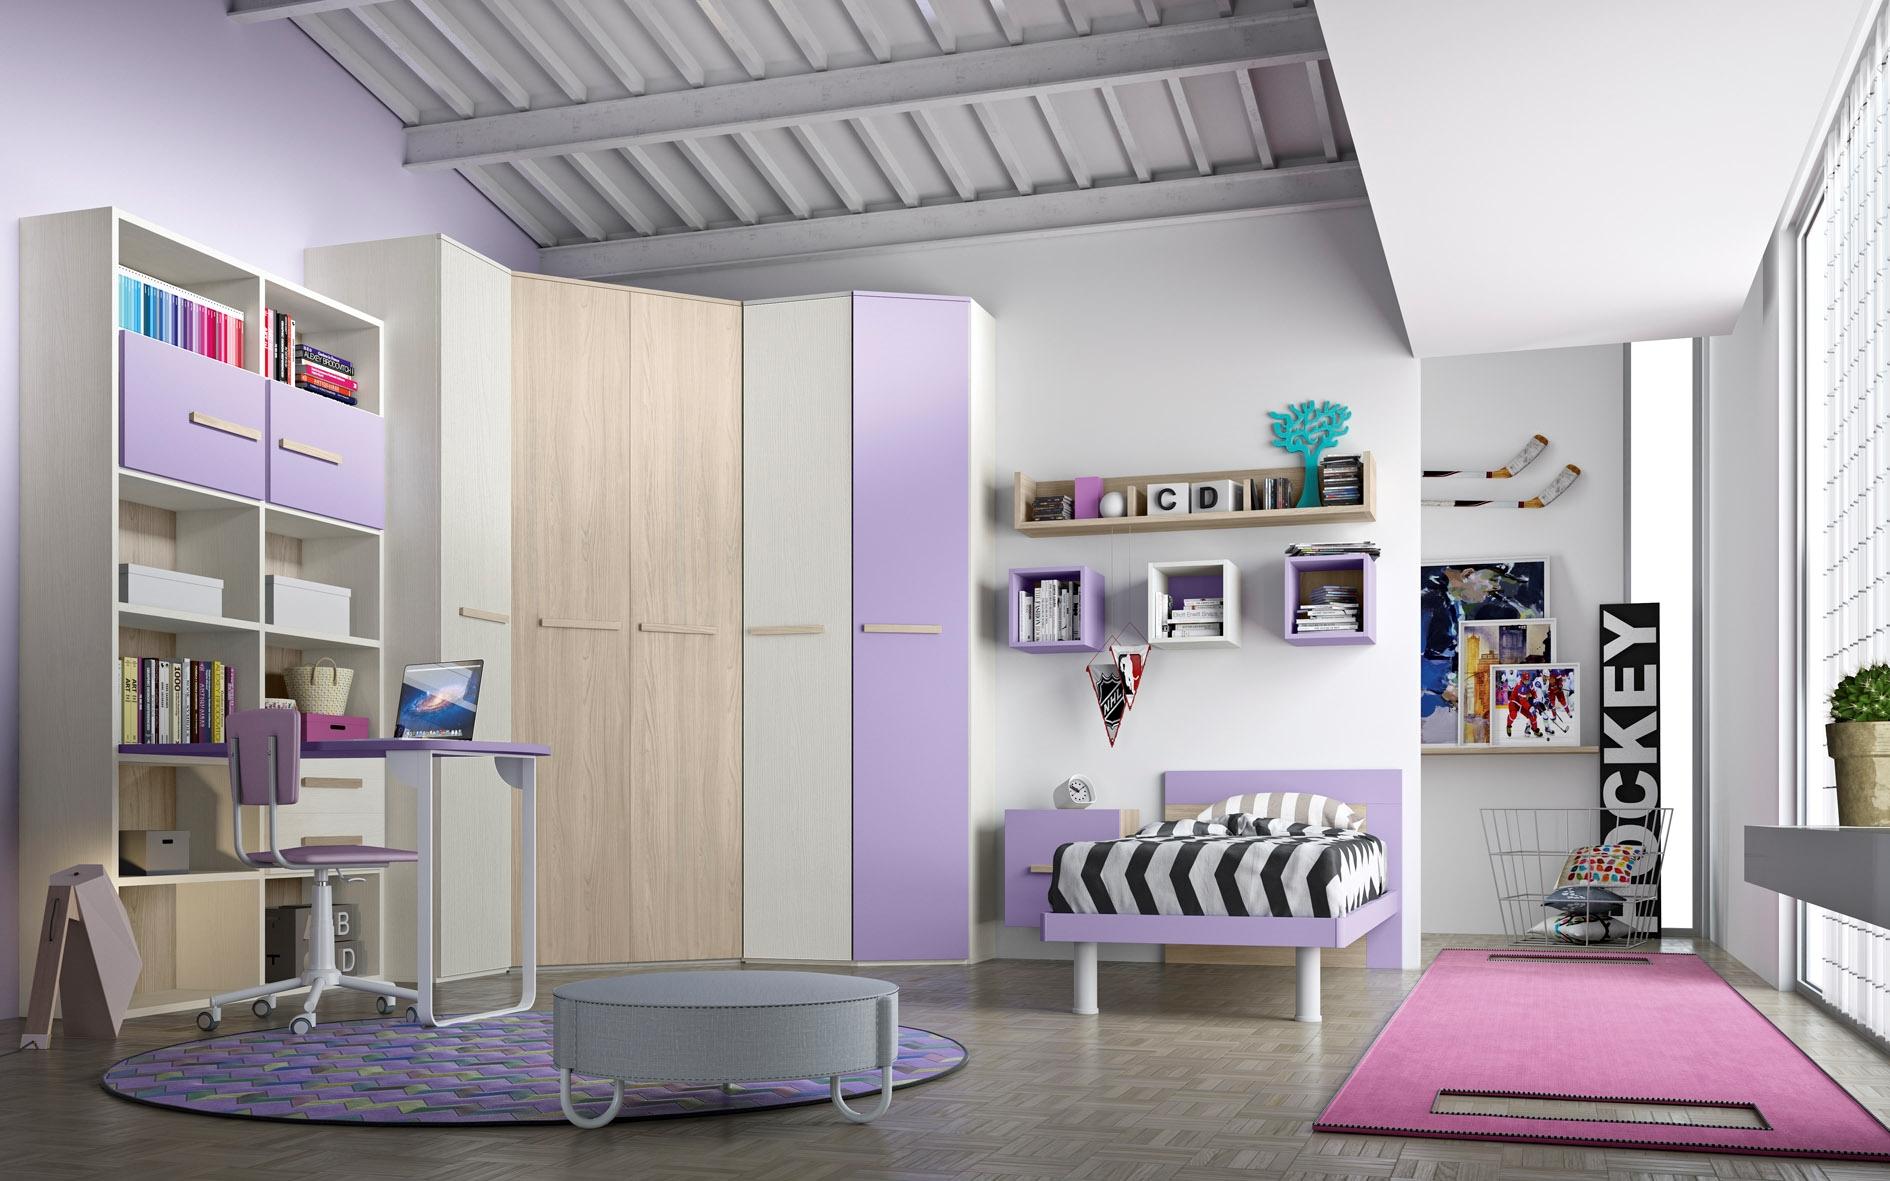 Cameretta con cabina armadio e un letto completa di zona for Camerette ad angolo mondo convenienza